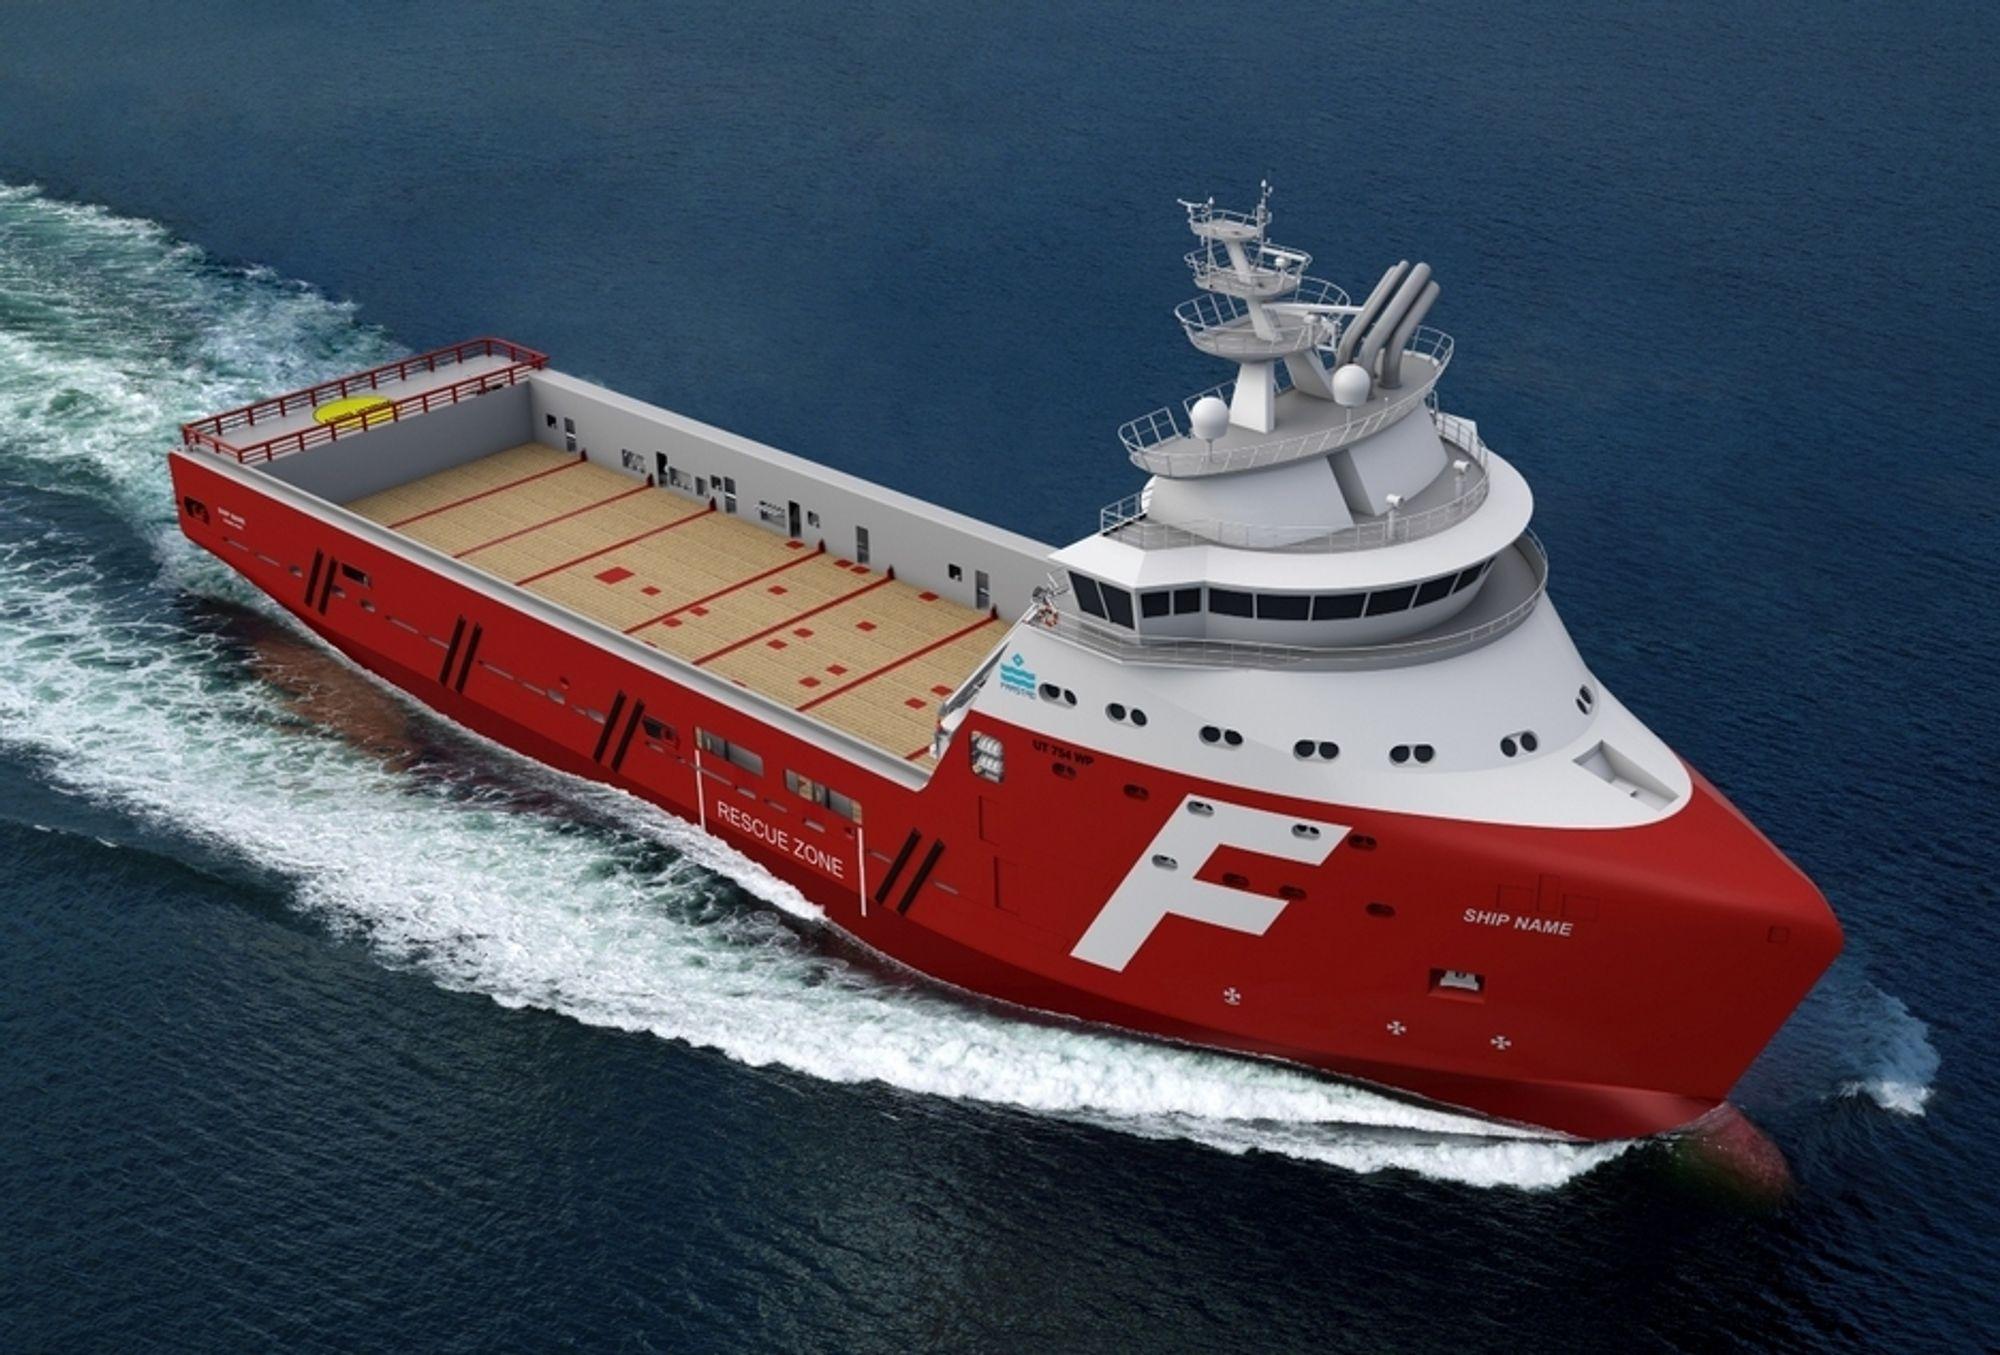 FØRST: Farstad Shipping har tradisjon for å gå foran. Med kontraheringen av et forsyningsskip meddet nye Wave- piercing-designet, så viser rederiet nok engang vilje til nytenking.